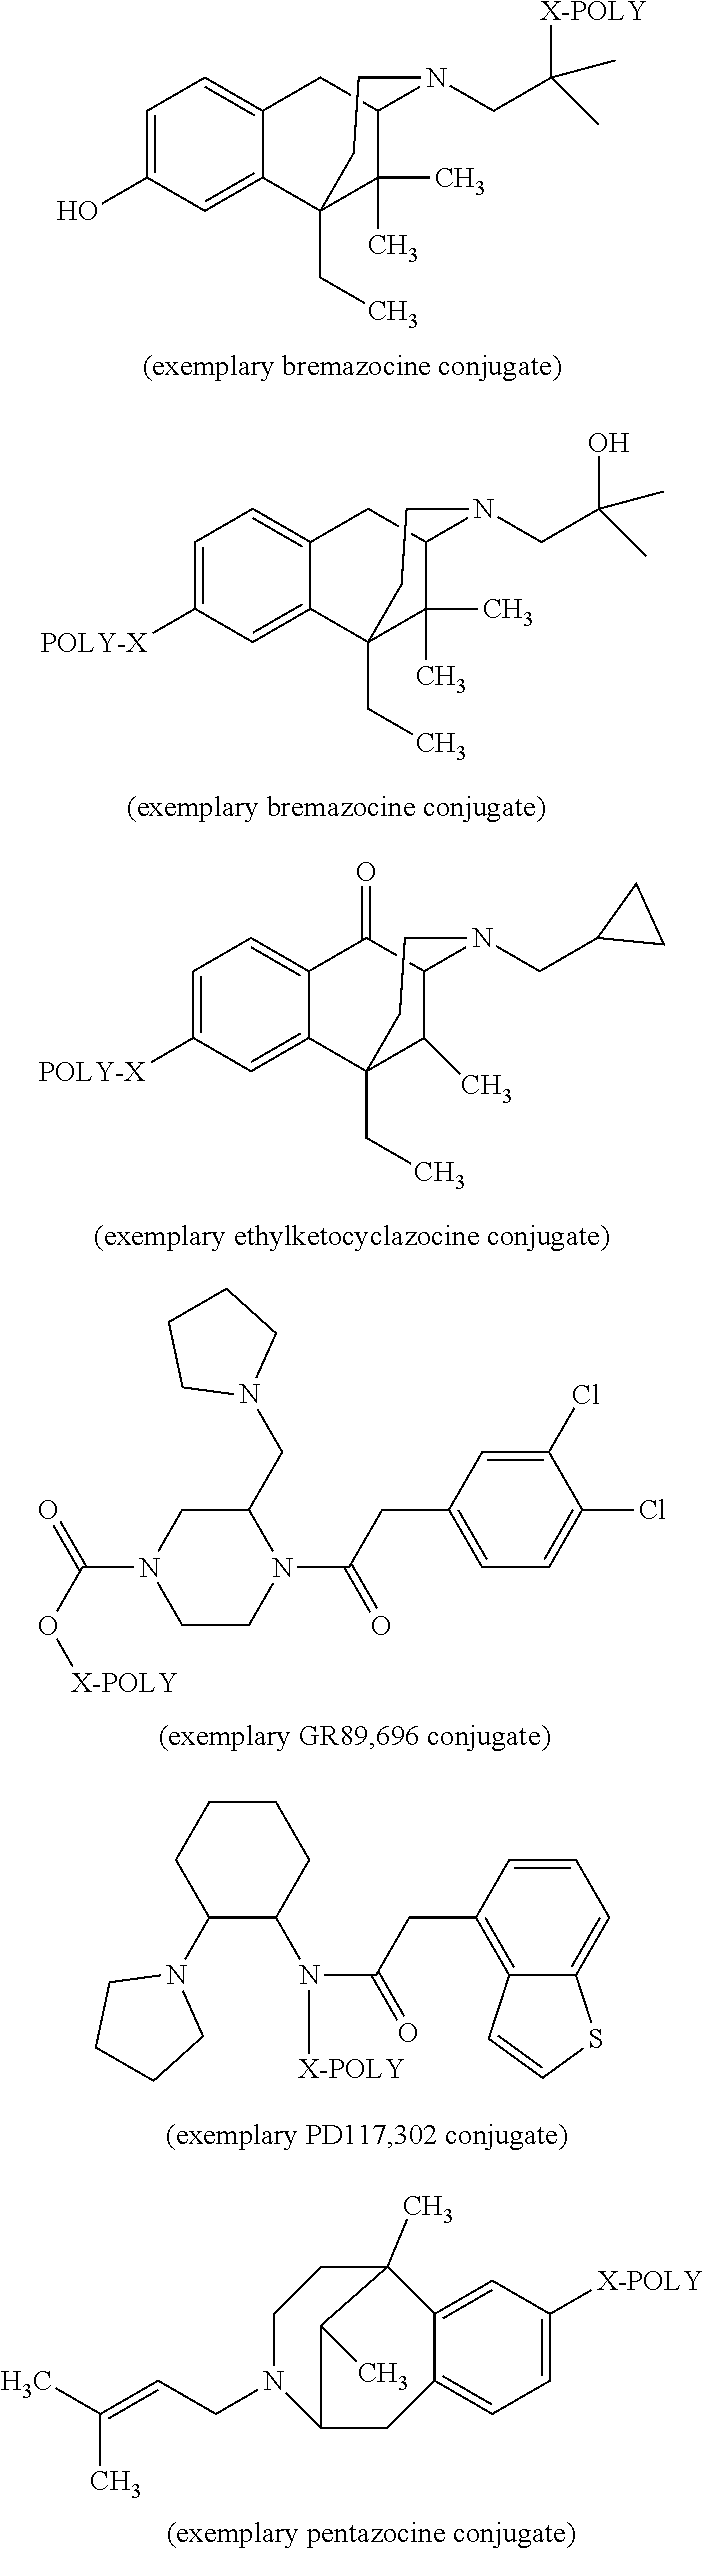 Figure US20190046523A1-20190214-C00019